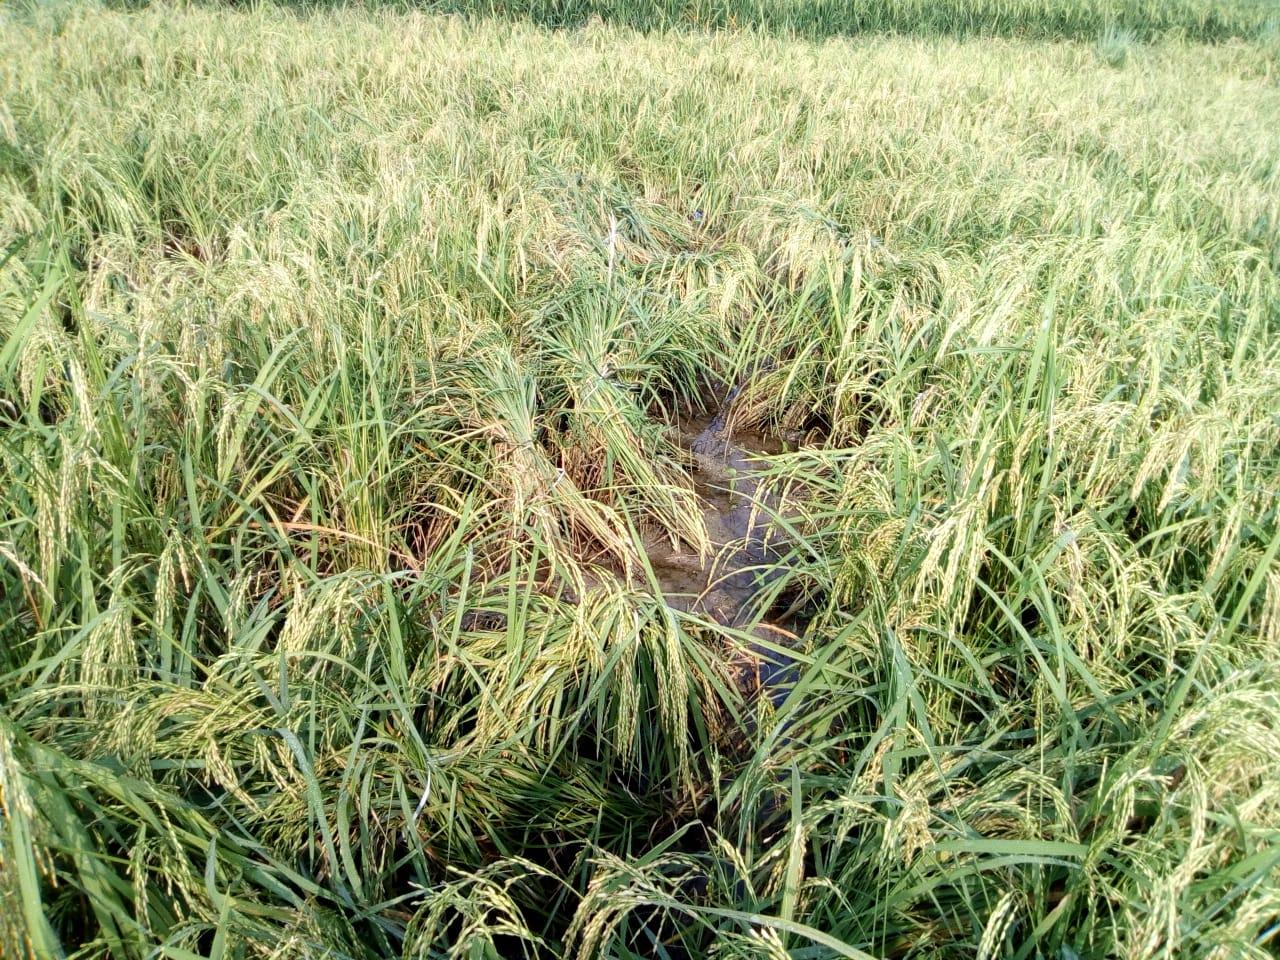 Banyak Tanaman Padi Ambruk Para Petani di Balun Cepu Mengeluh